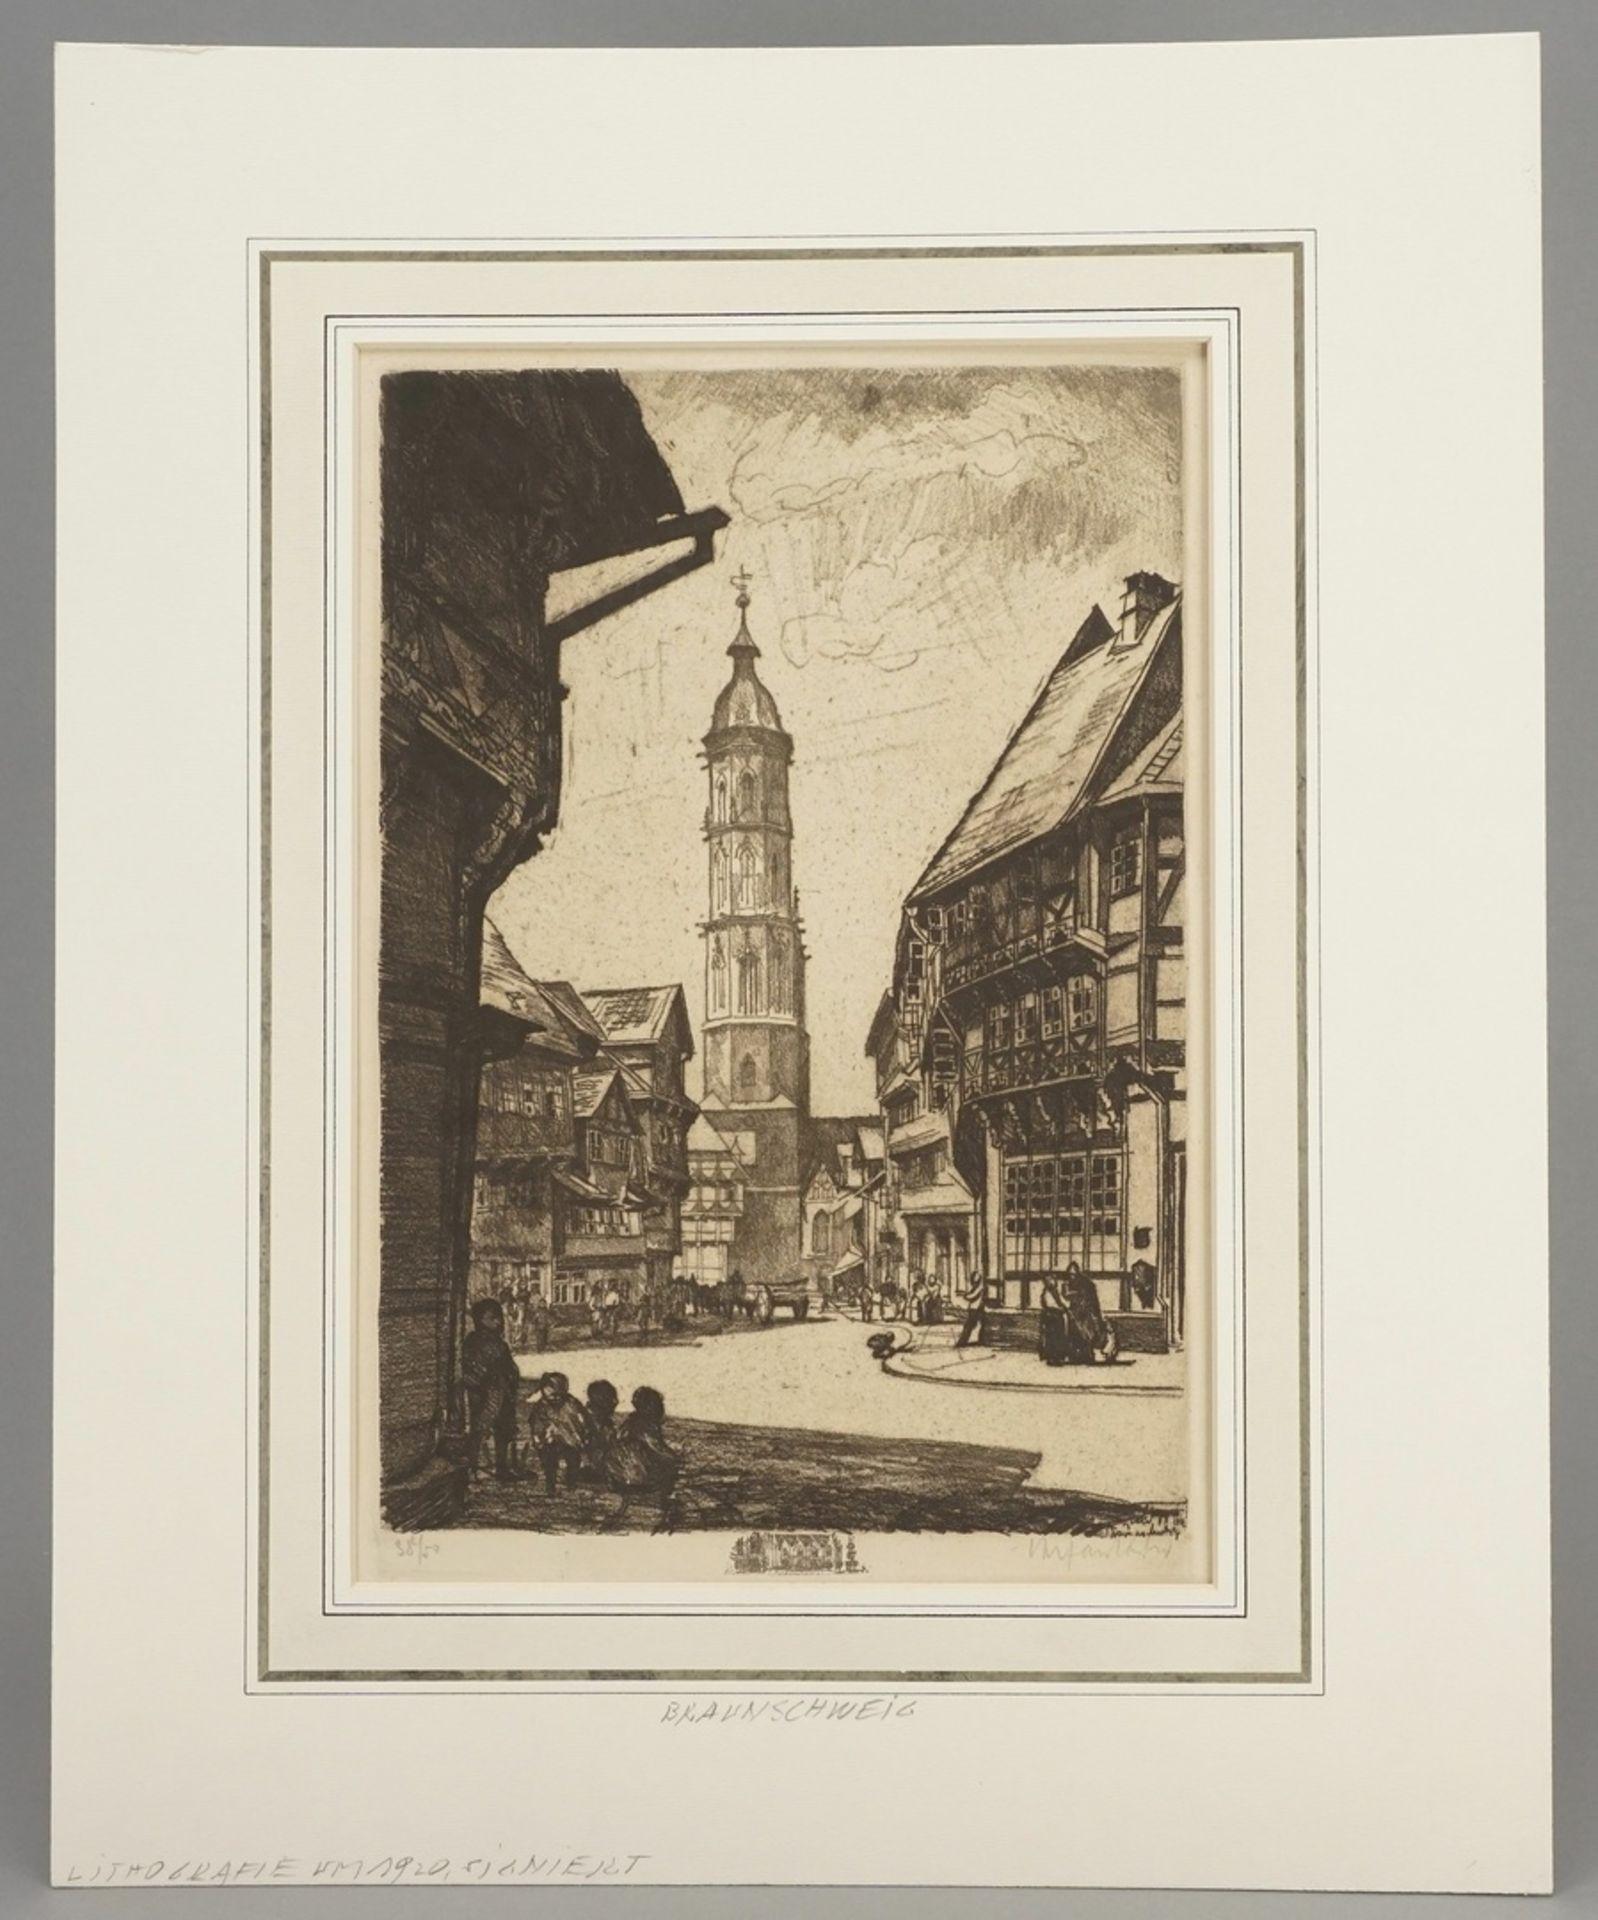 Unbekannter Radierkünstler, Sankt Andreas in Braunschweig - Bild 2 aus 4